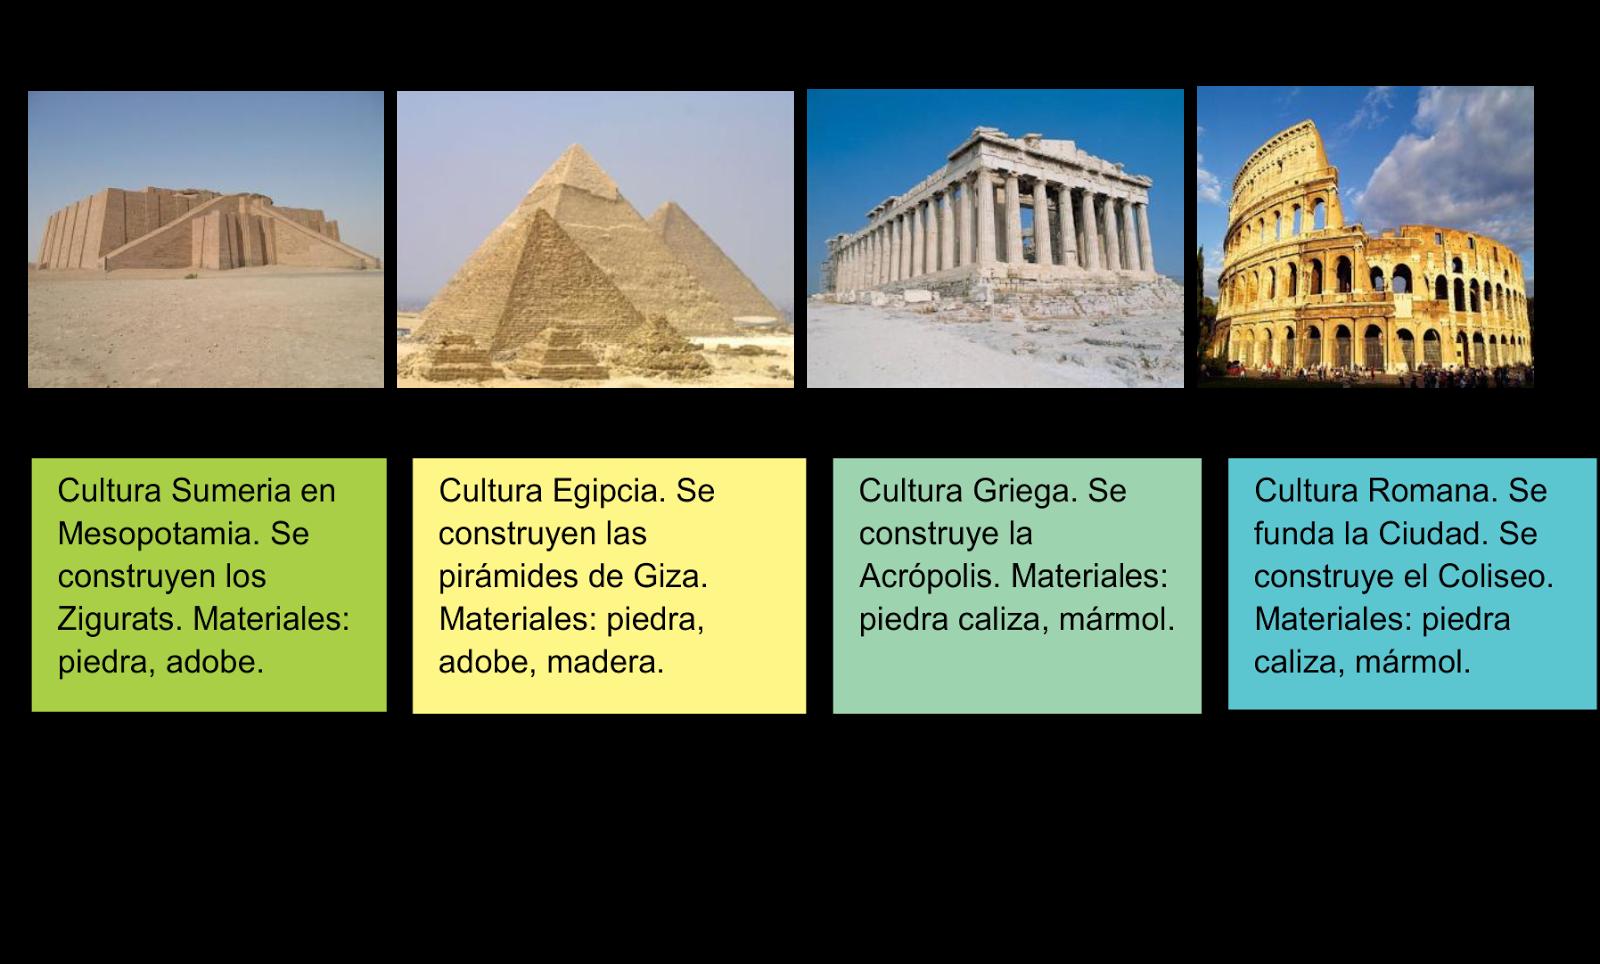 dibujo t cnico grado d cimo historia de la arquitectura y On la arquitectura pdf